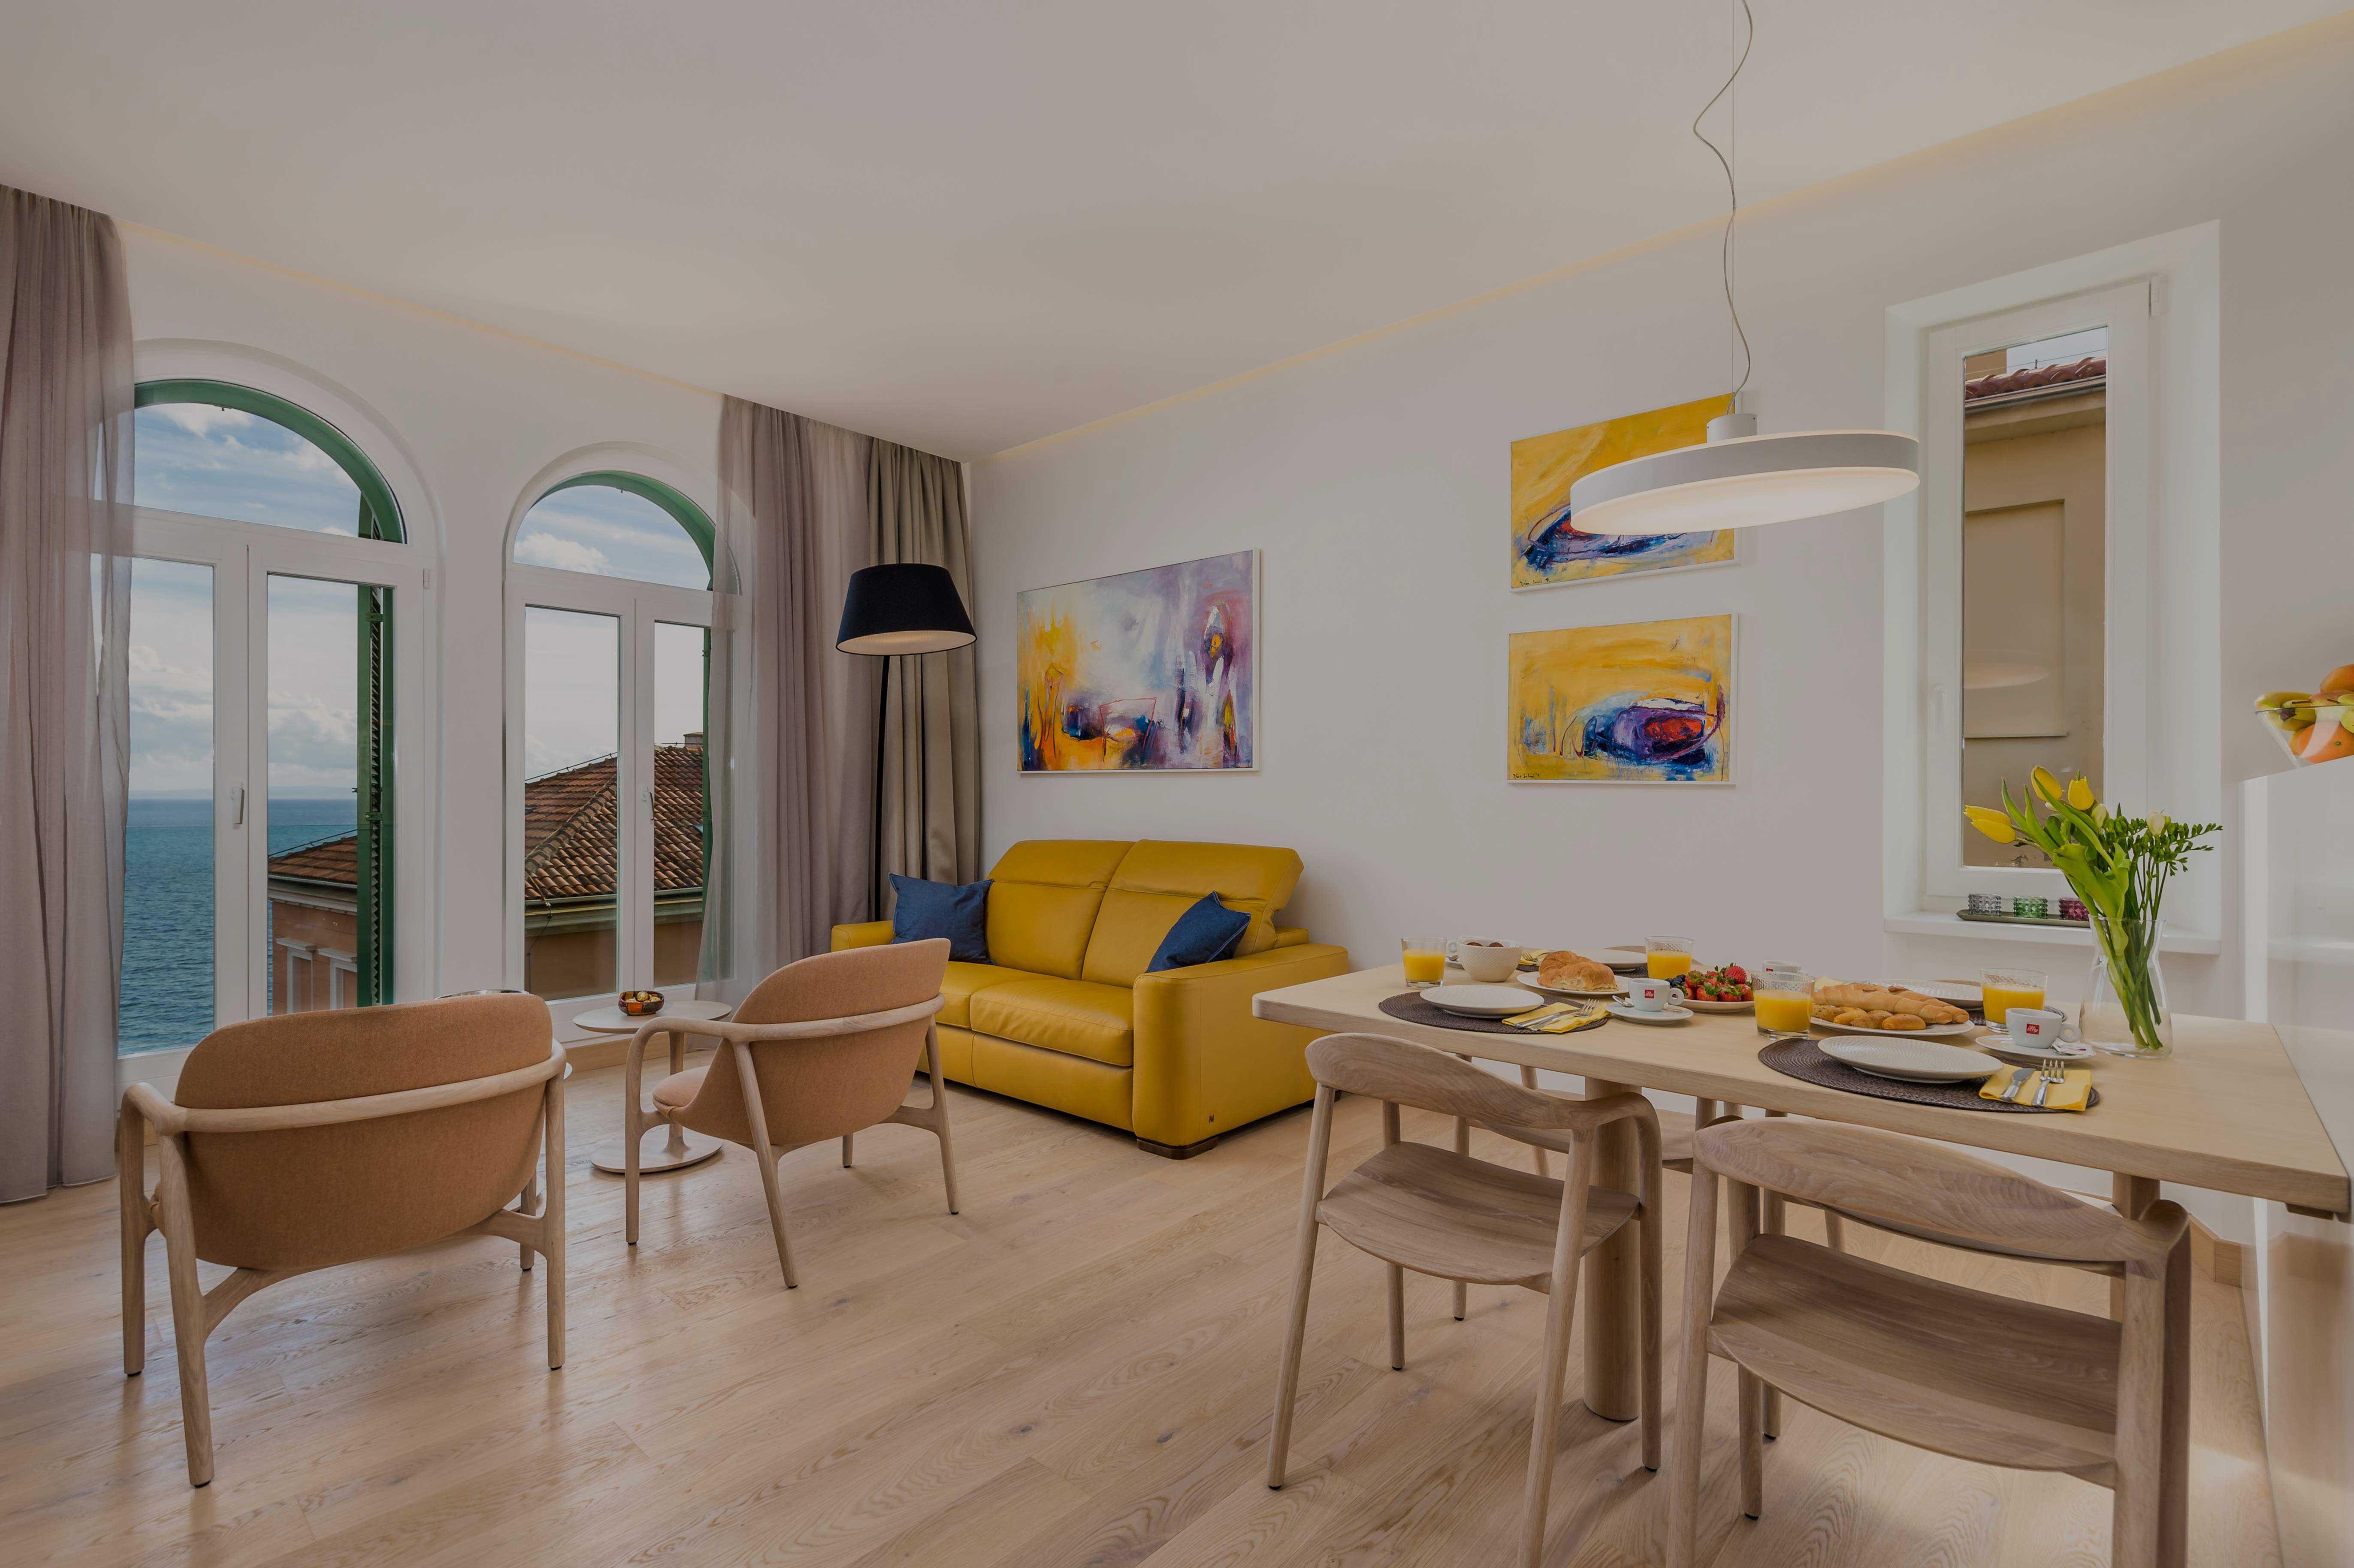 doručak, apaprtman OLA, pogled na more, luksuzni apartman, opatija, kvarner, hrvatska